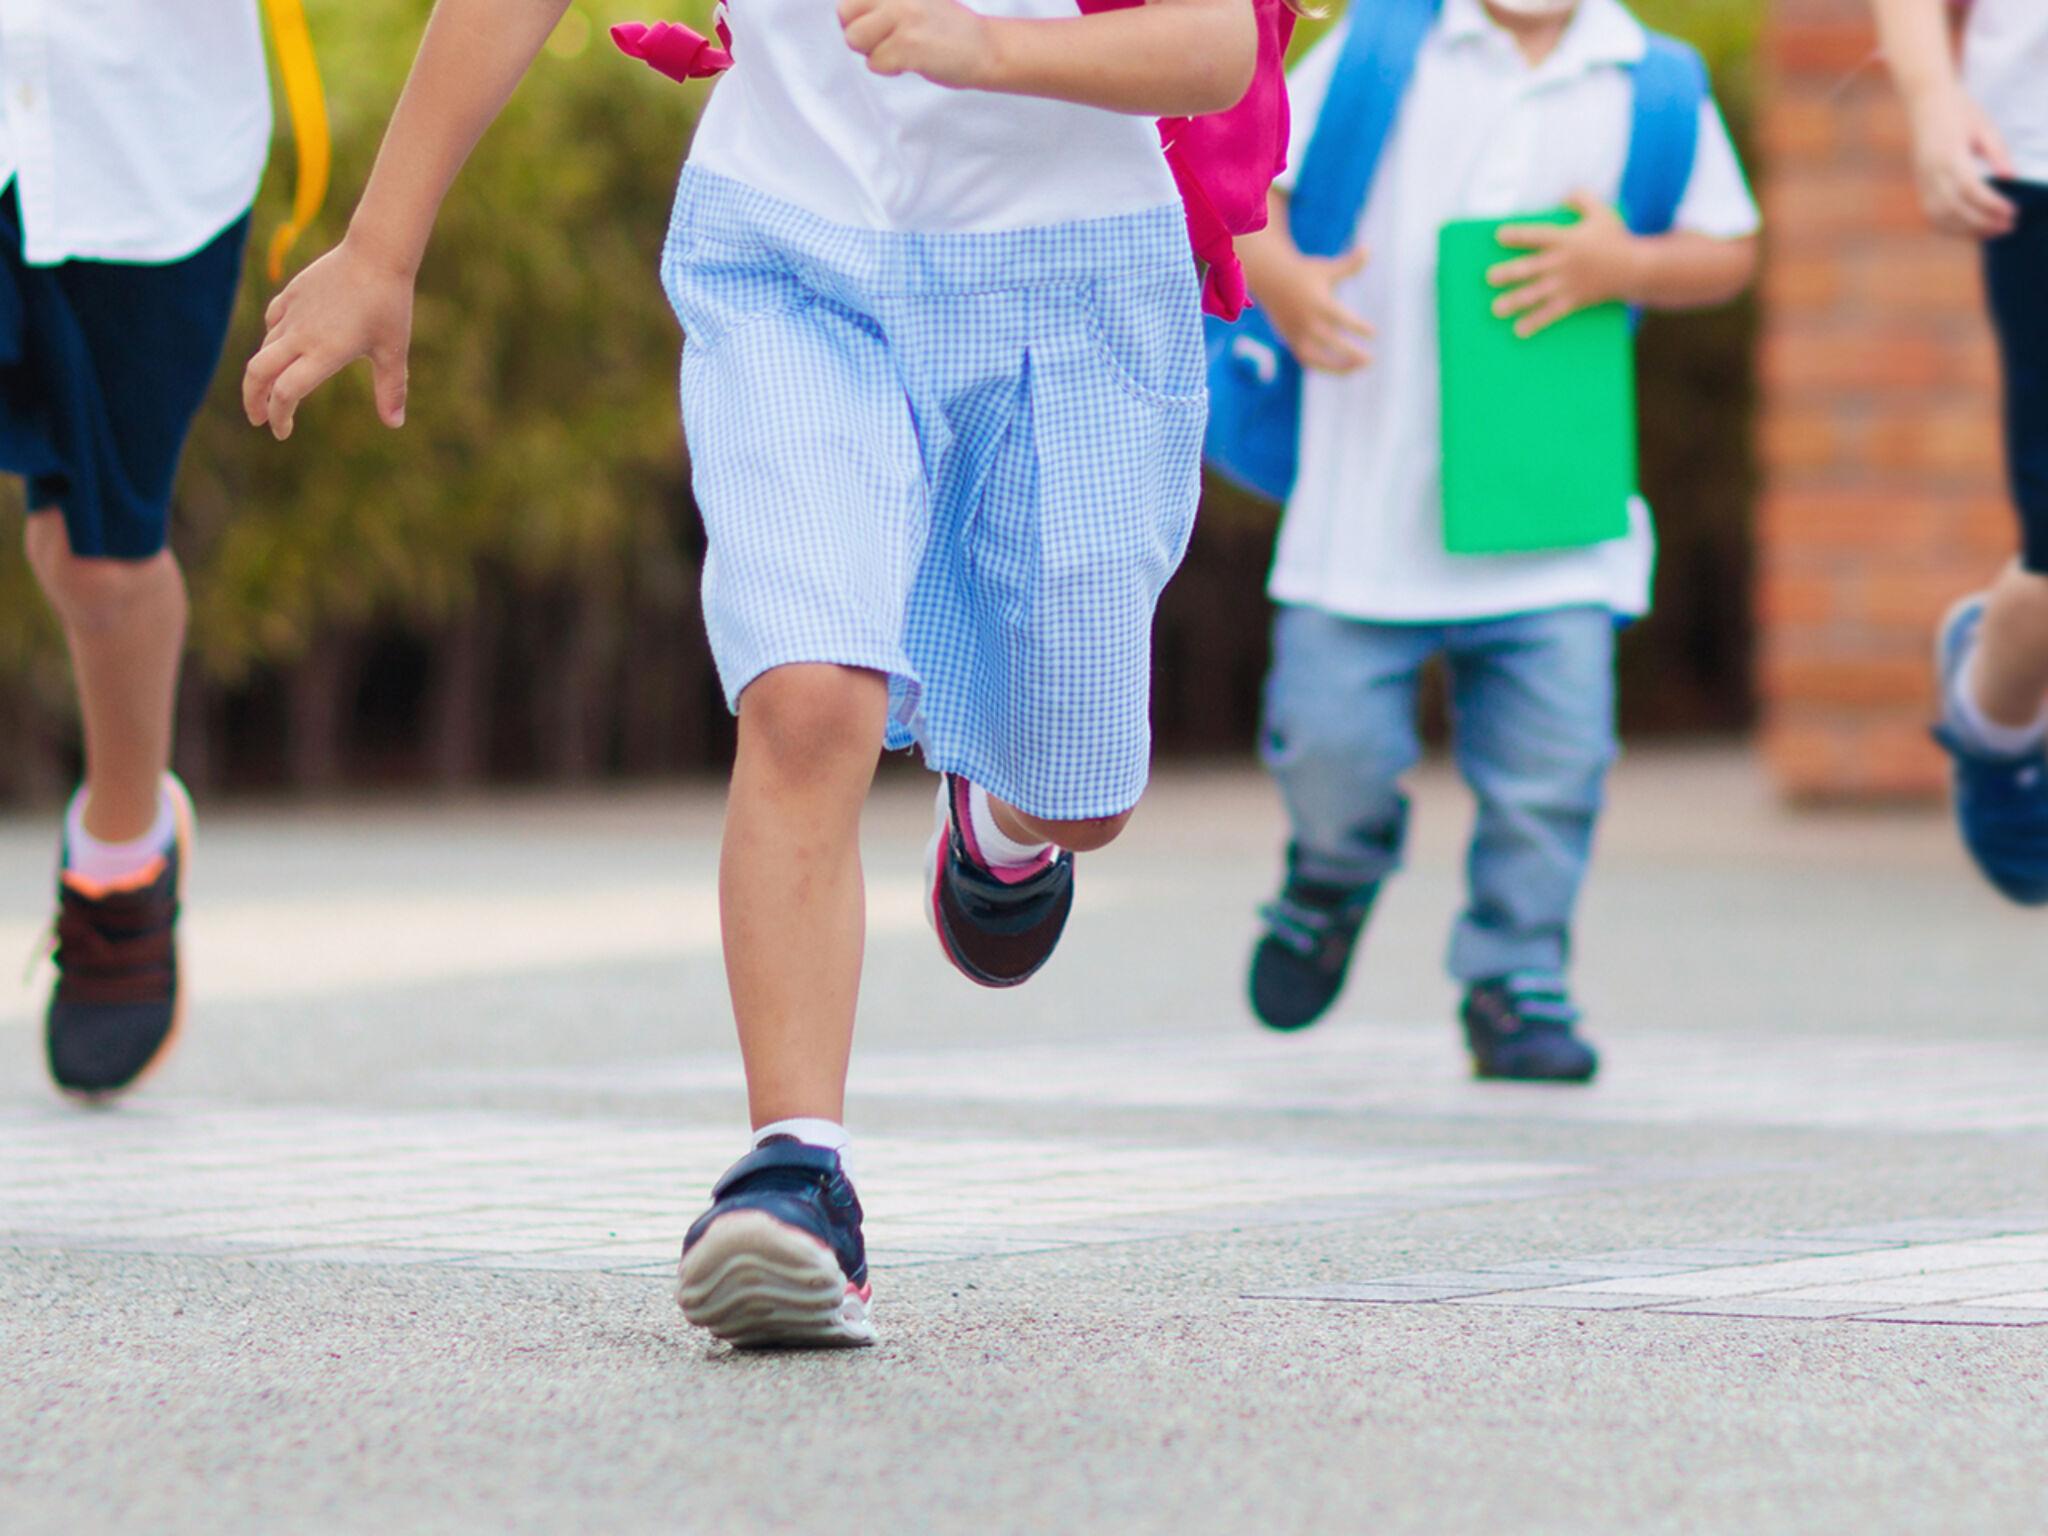 子ども4人が学校帰りに走っている画像